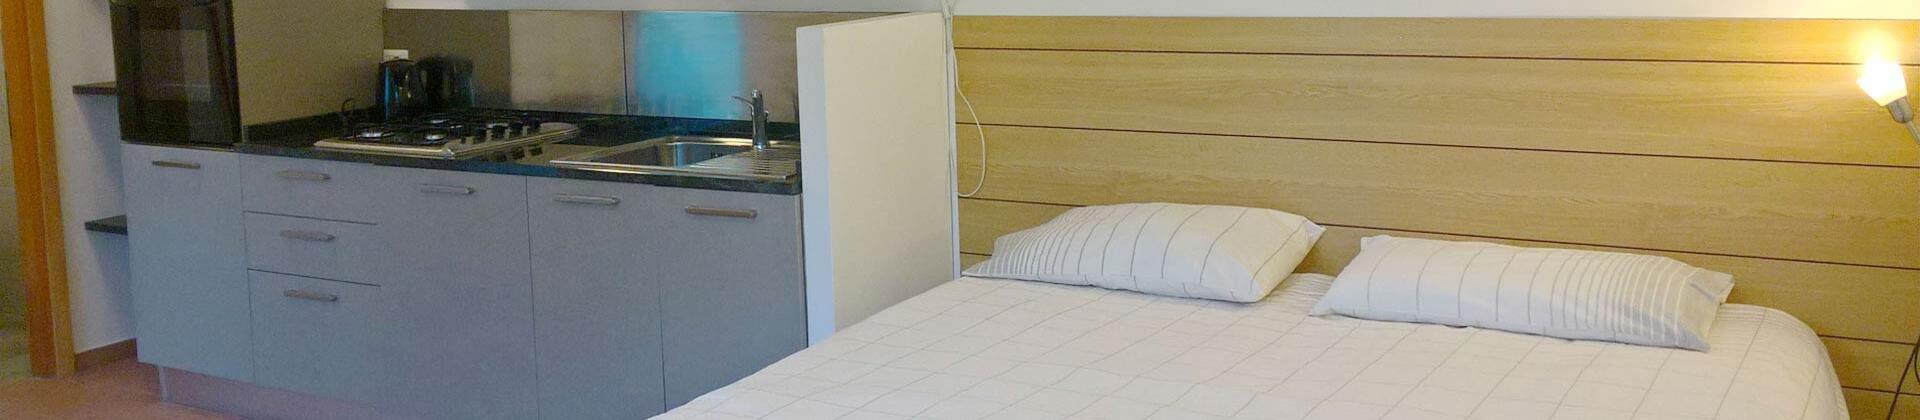 campingdarna en ireos-home 013